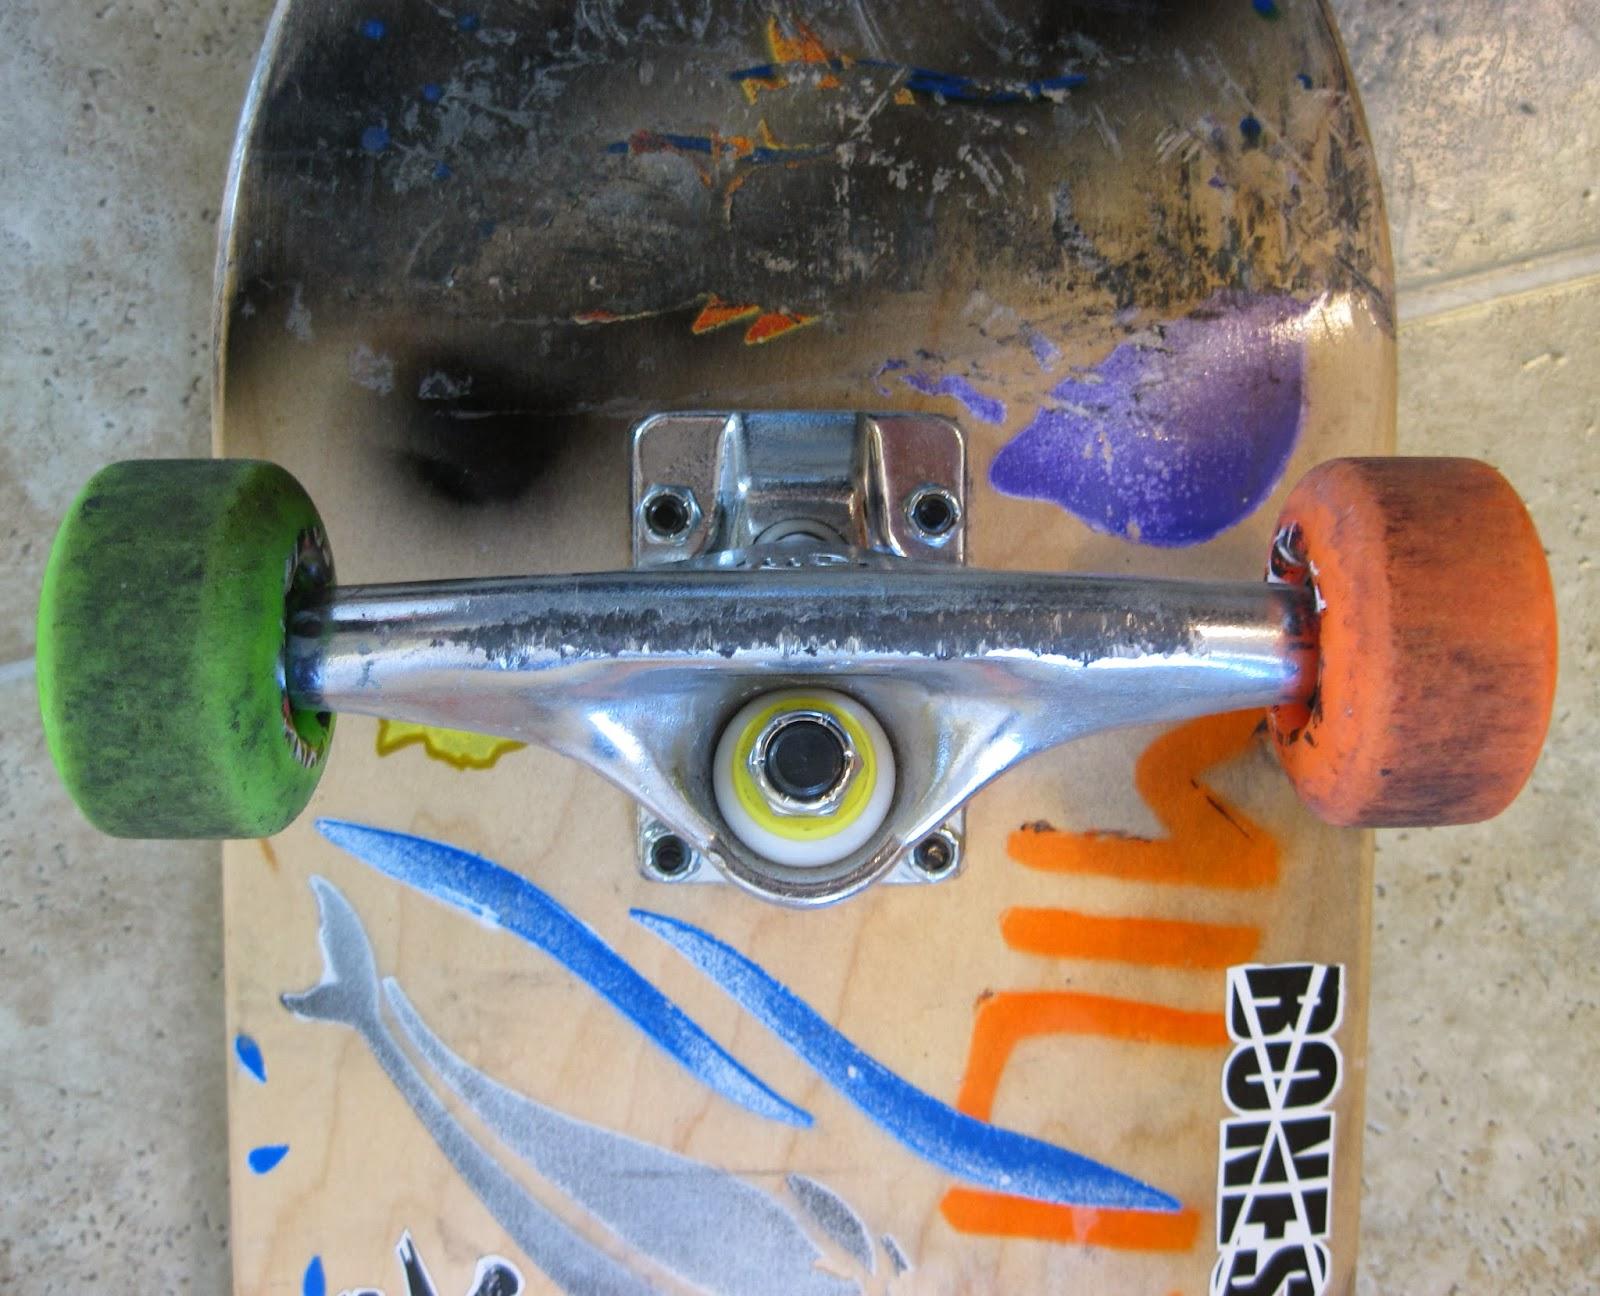 Skateboarding Is My Lifetime Sport Mini Logo Trucks Review